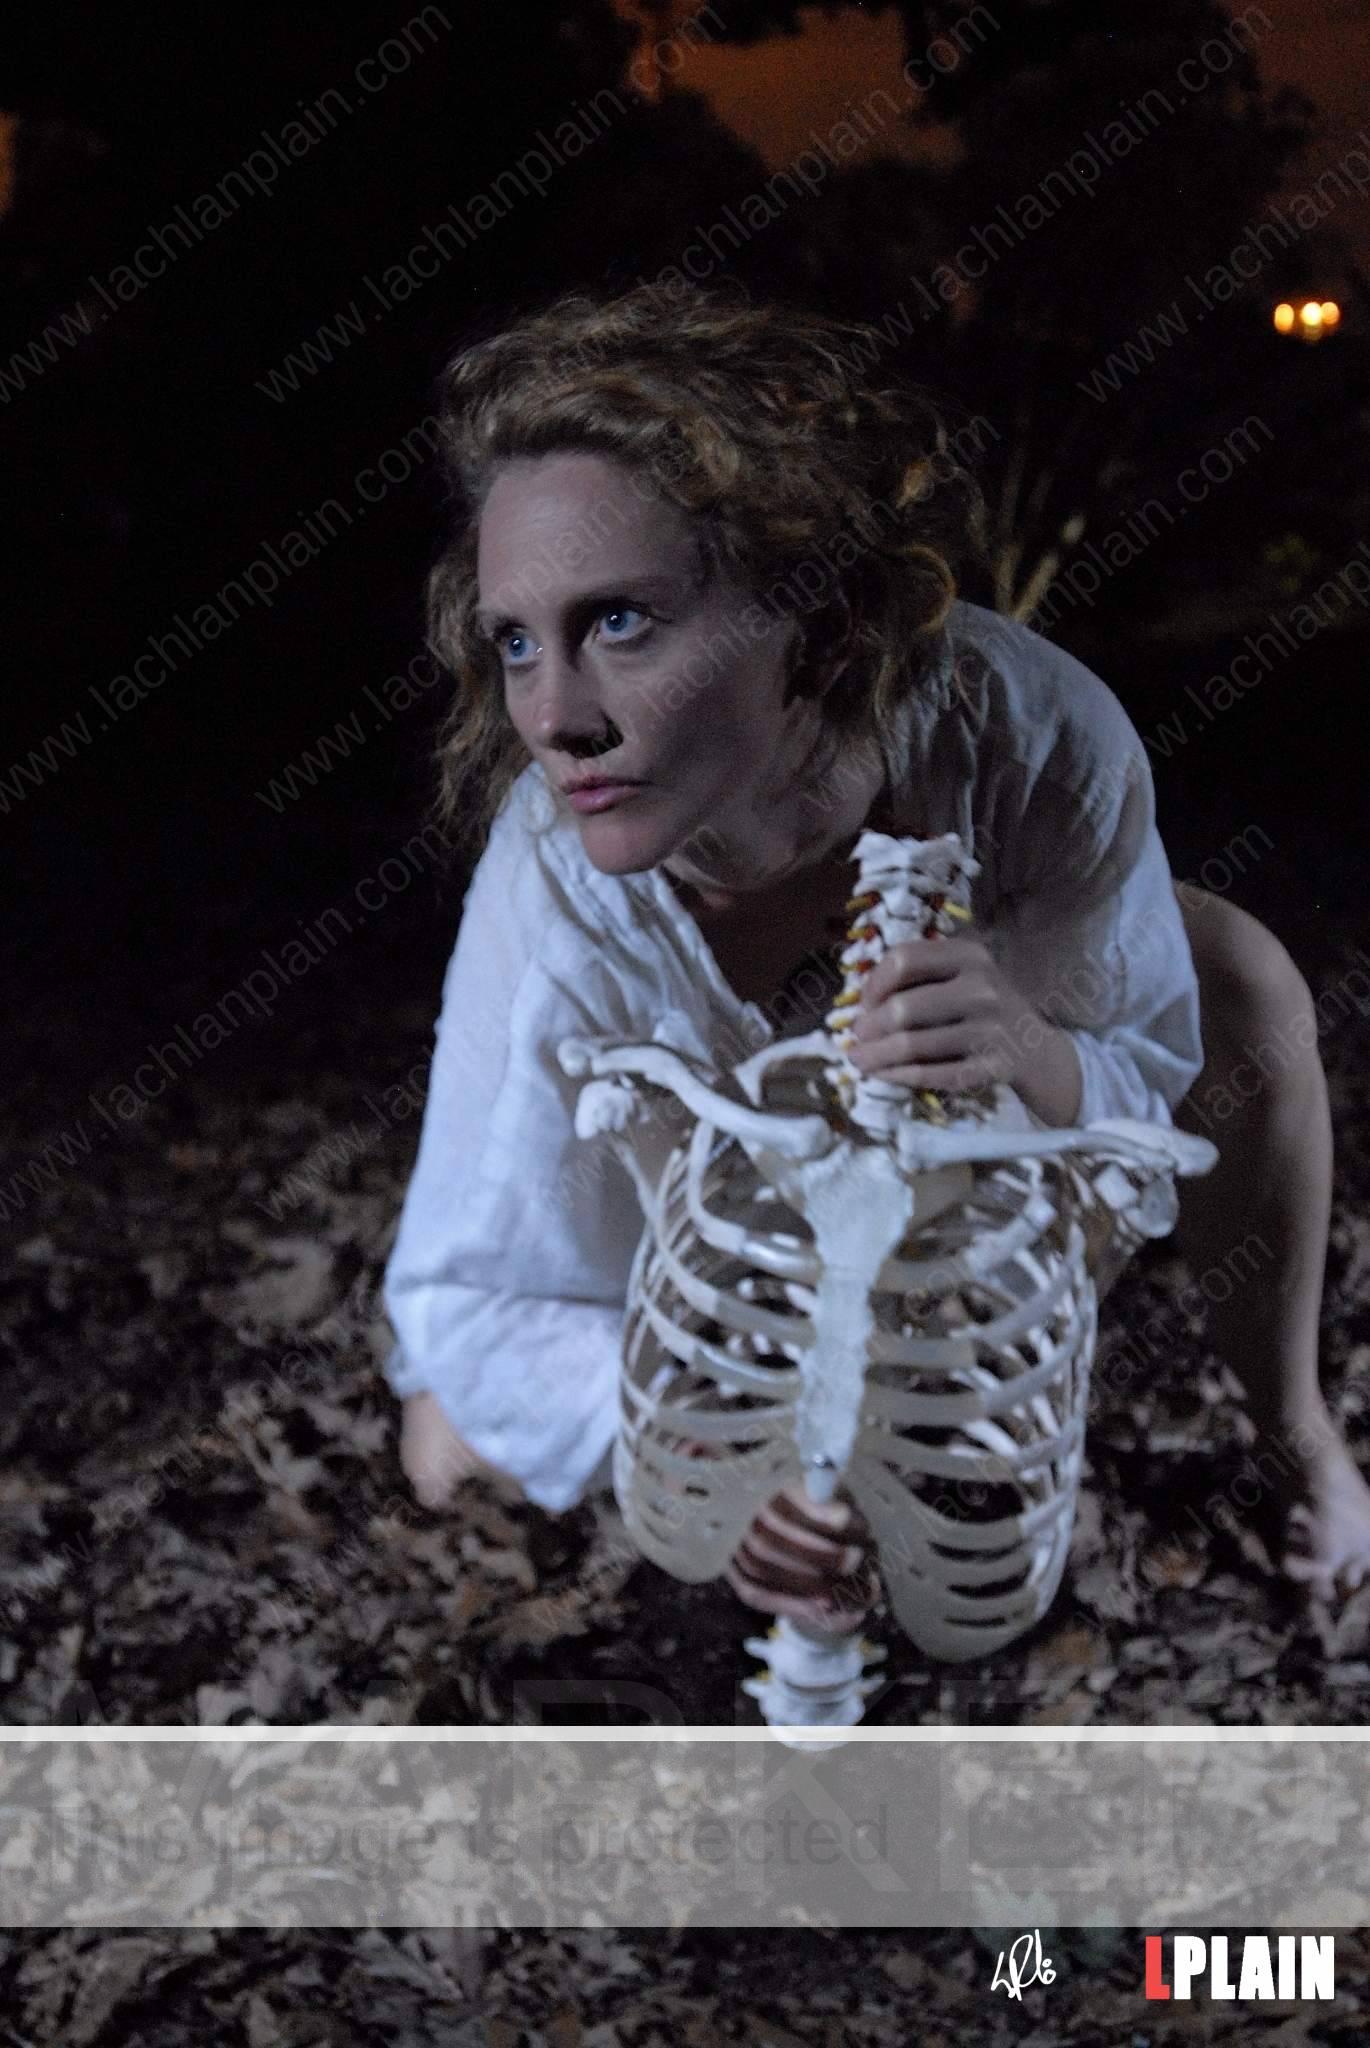 24-virgin-planting-bones.jpg